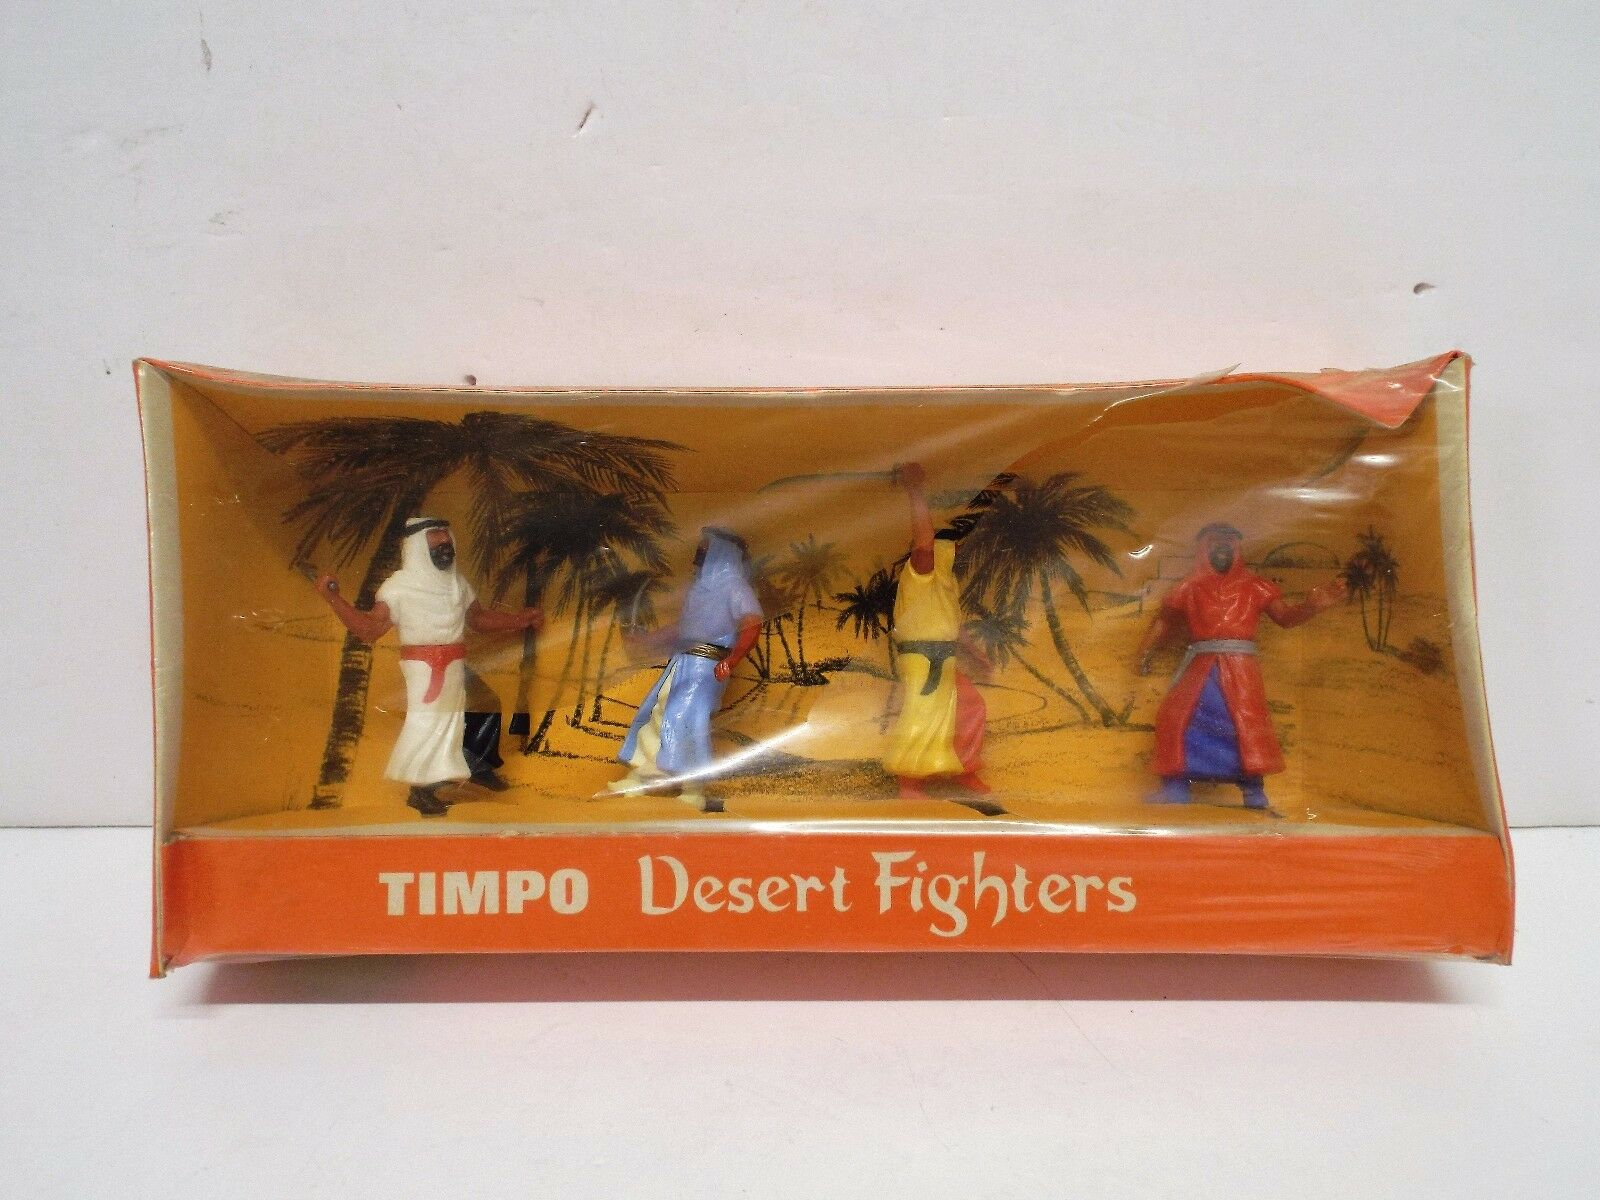 TIMPO RARO 20/4 in scatola araba deserto COMBATTENTI X4 eccellente in scatola (T37)